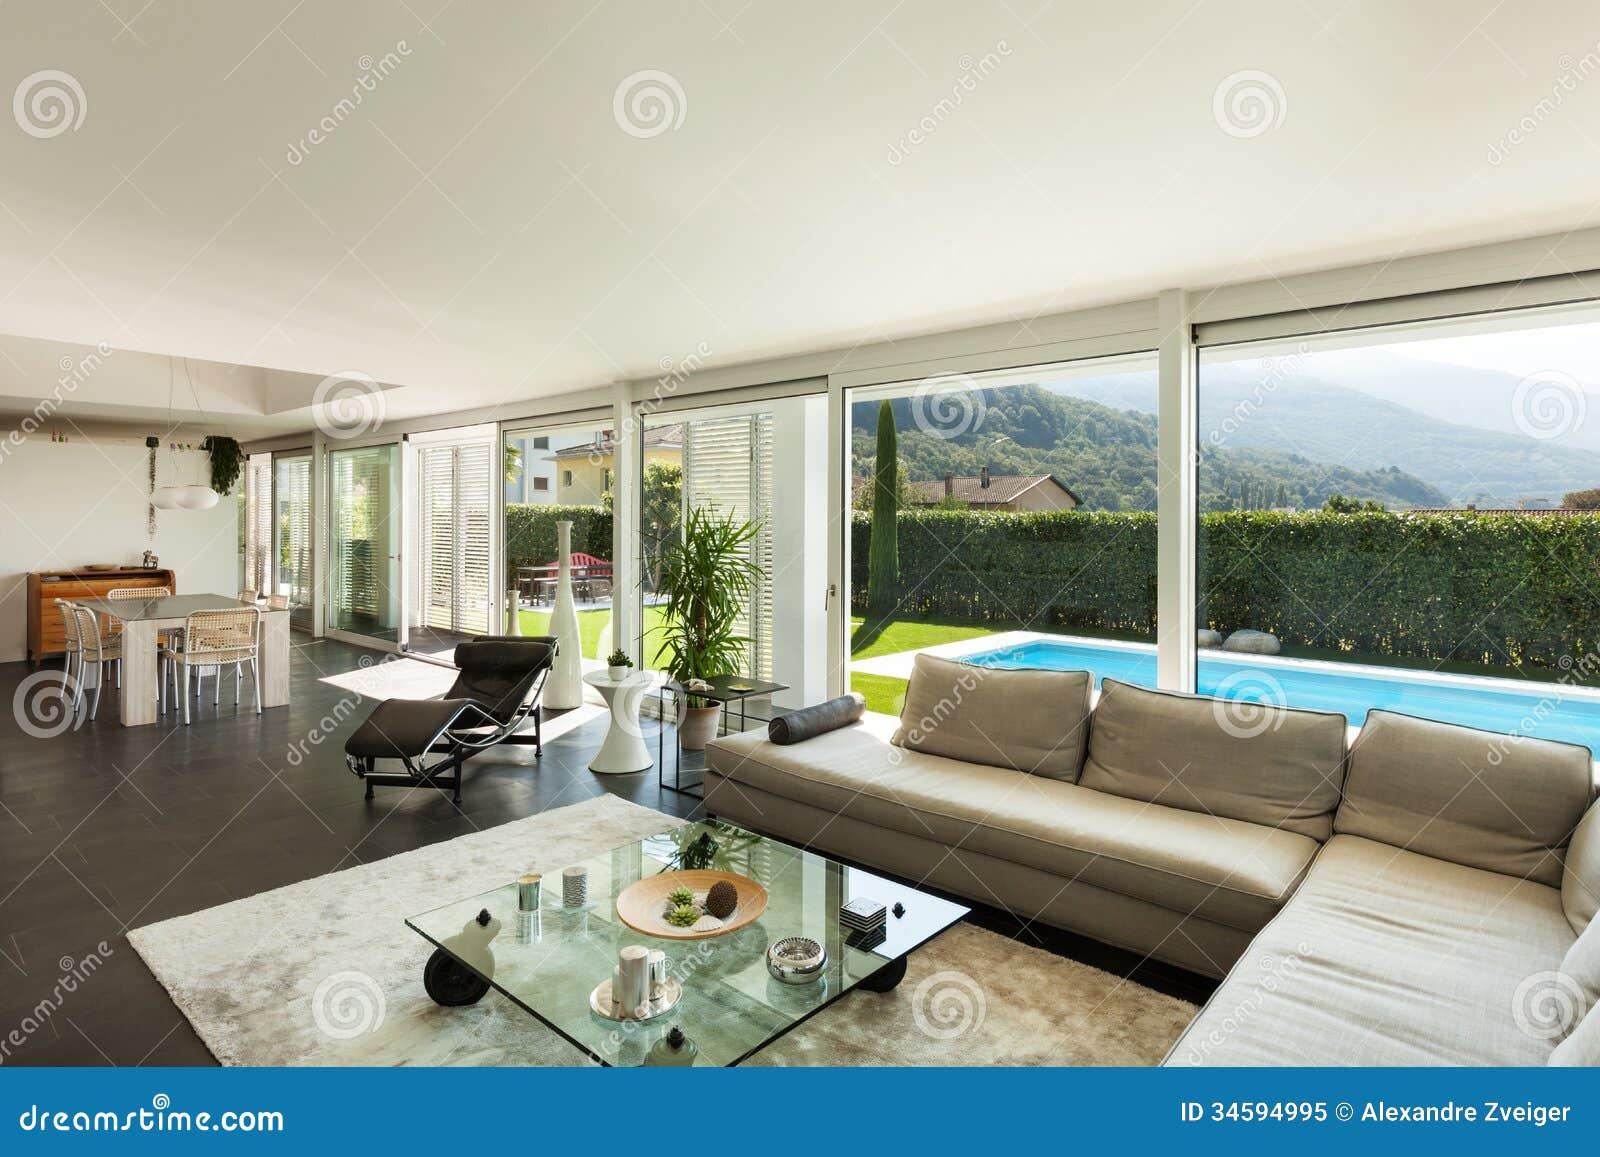 Photo libre de droits: villa moderne, beaux intérieurs